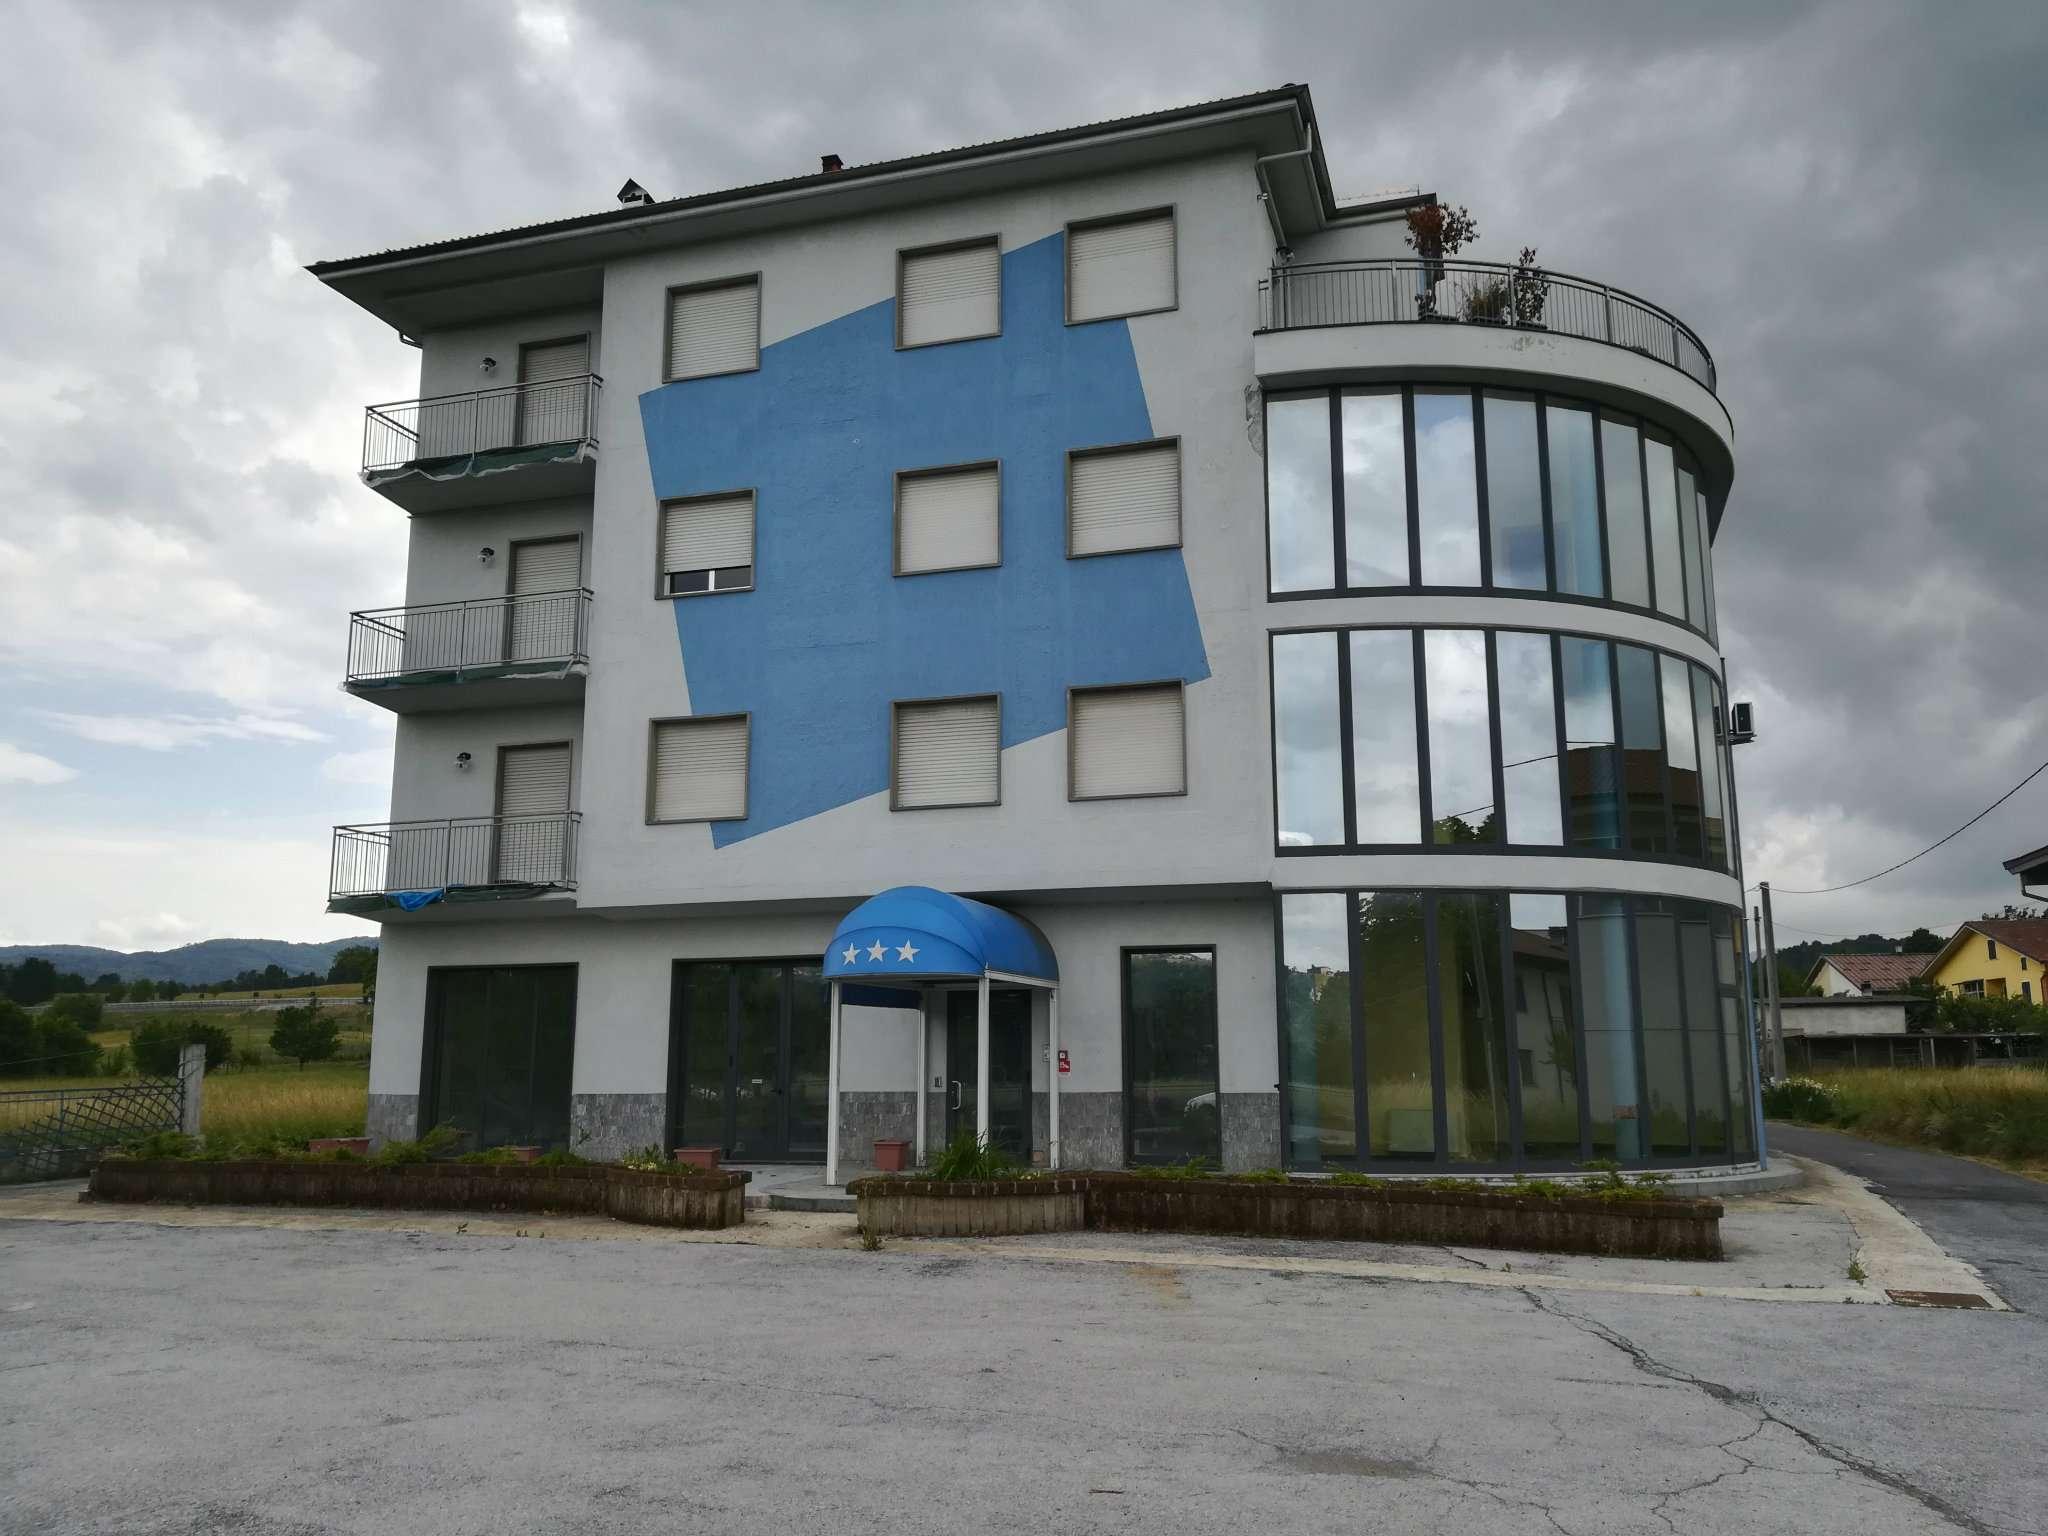 Altro in vendita a Ceva, 50 locali, Trattative riservate   CambioCasa.it